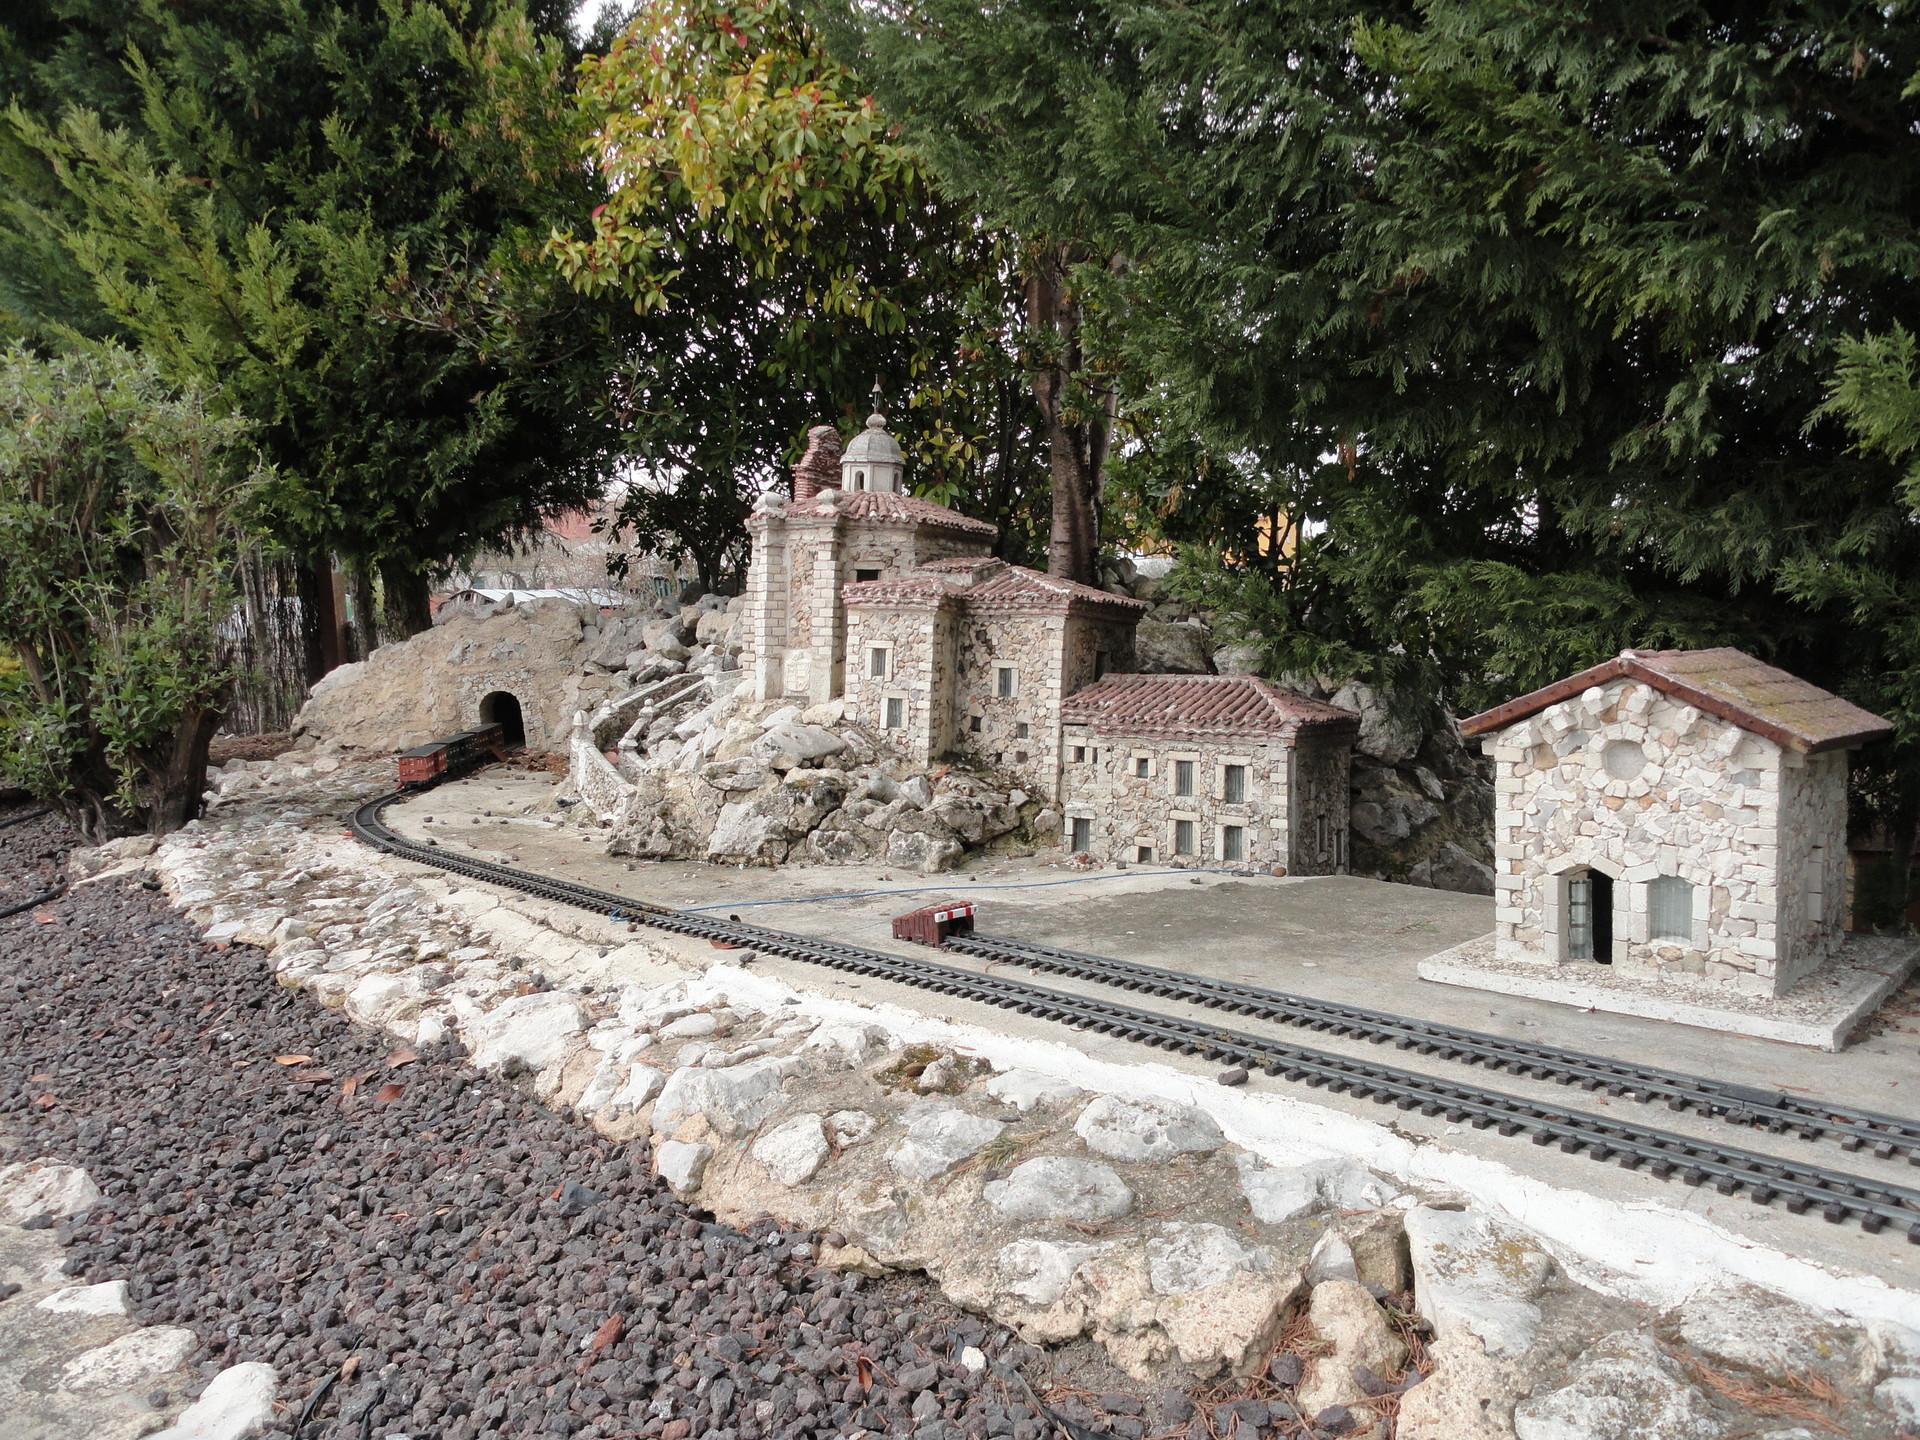 olmedo-parque-tematico-mudejar-15b045558